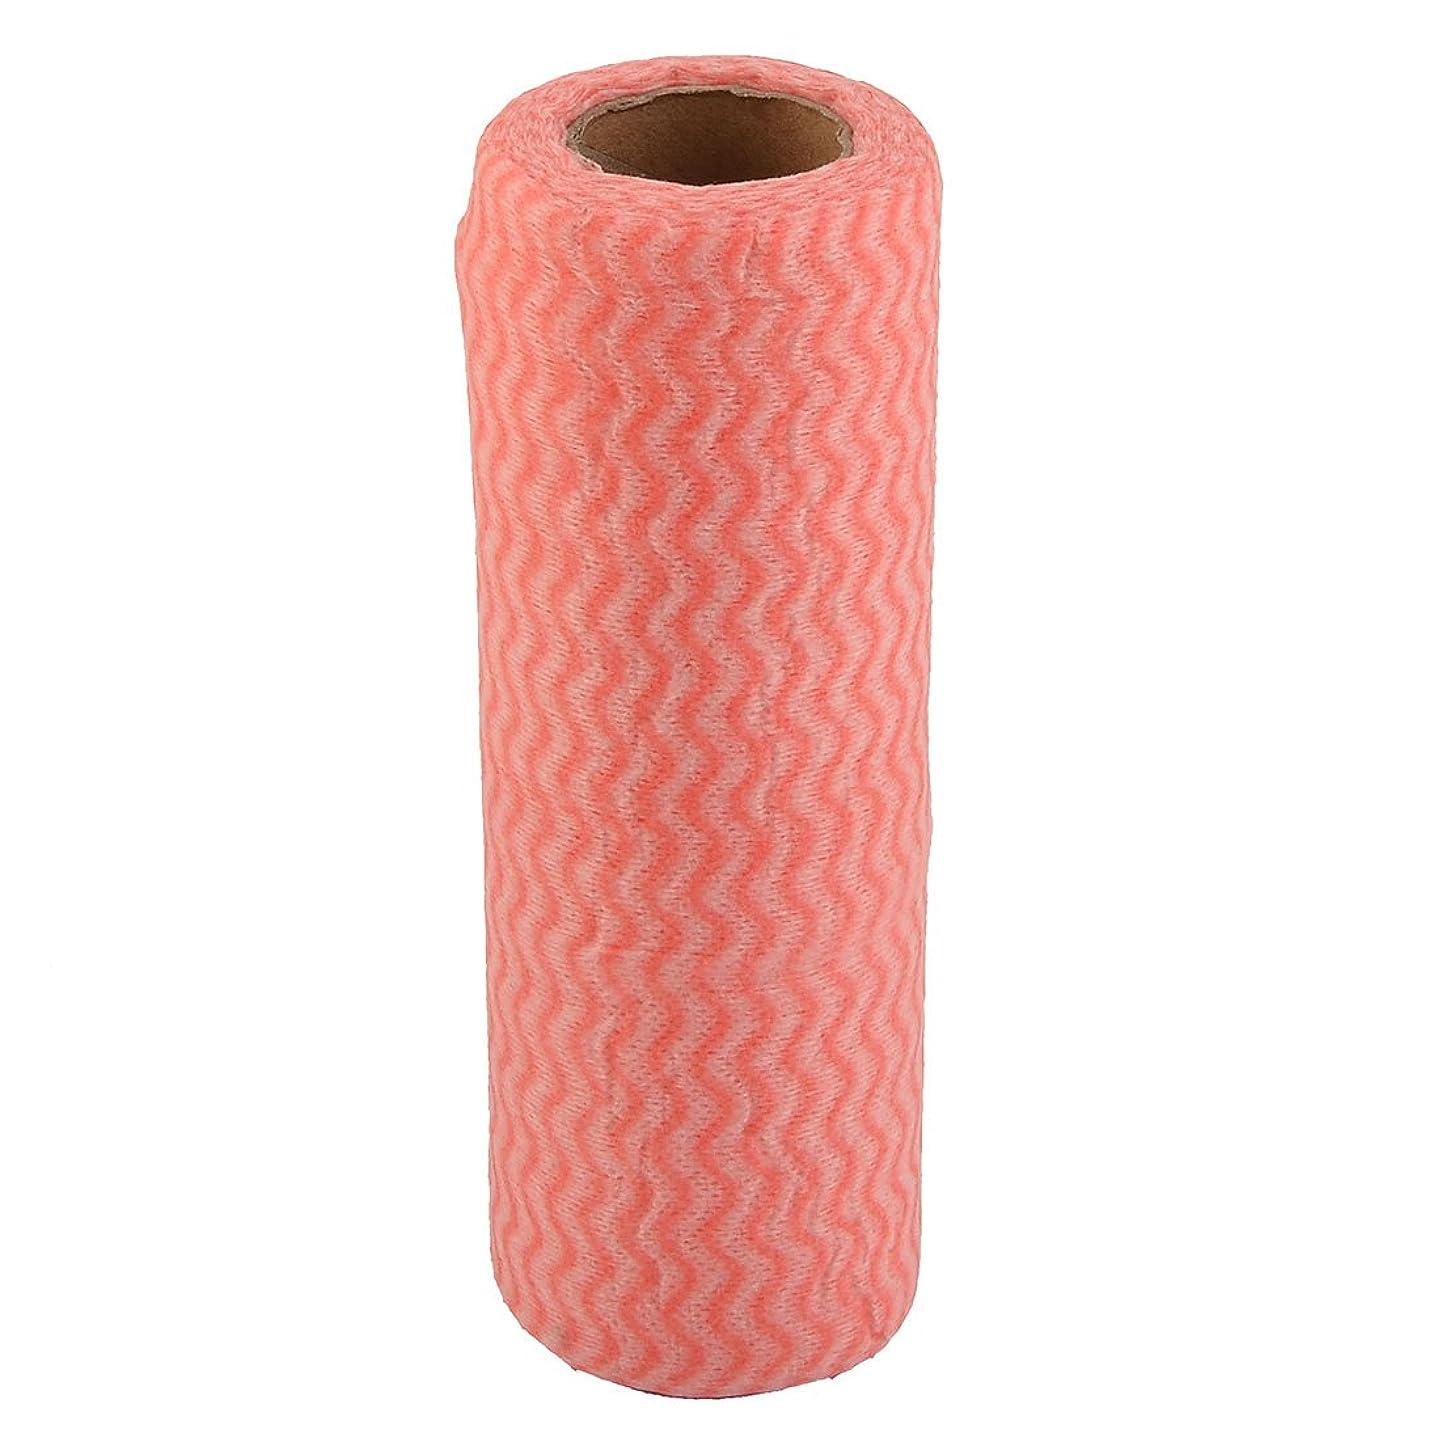 赤外線膜ダーリンuxcell クリーニングクロスロール 不織布ウェーブパターン ボウルポット食器洗浄可能 ピンク